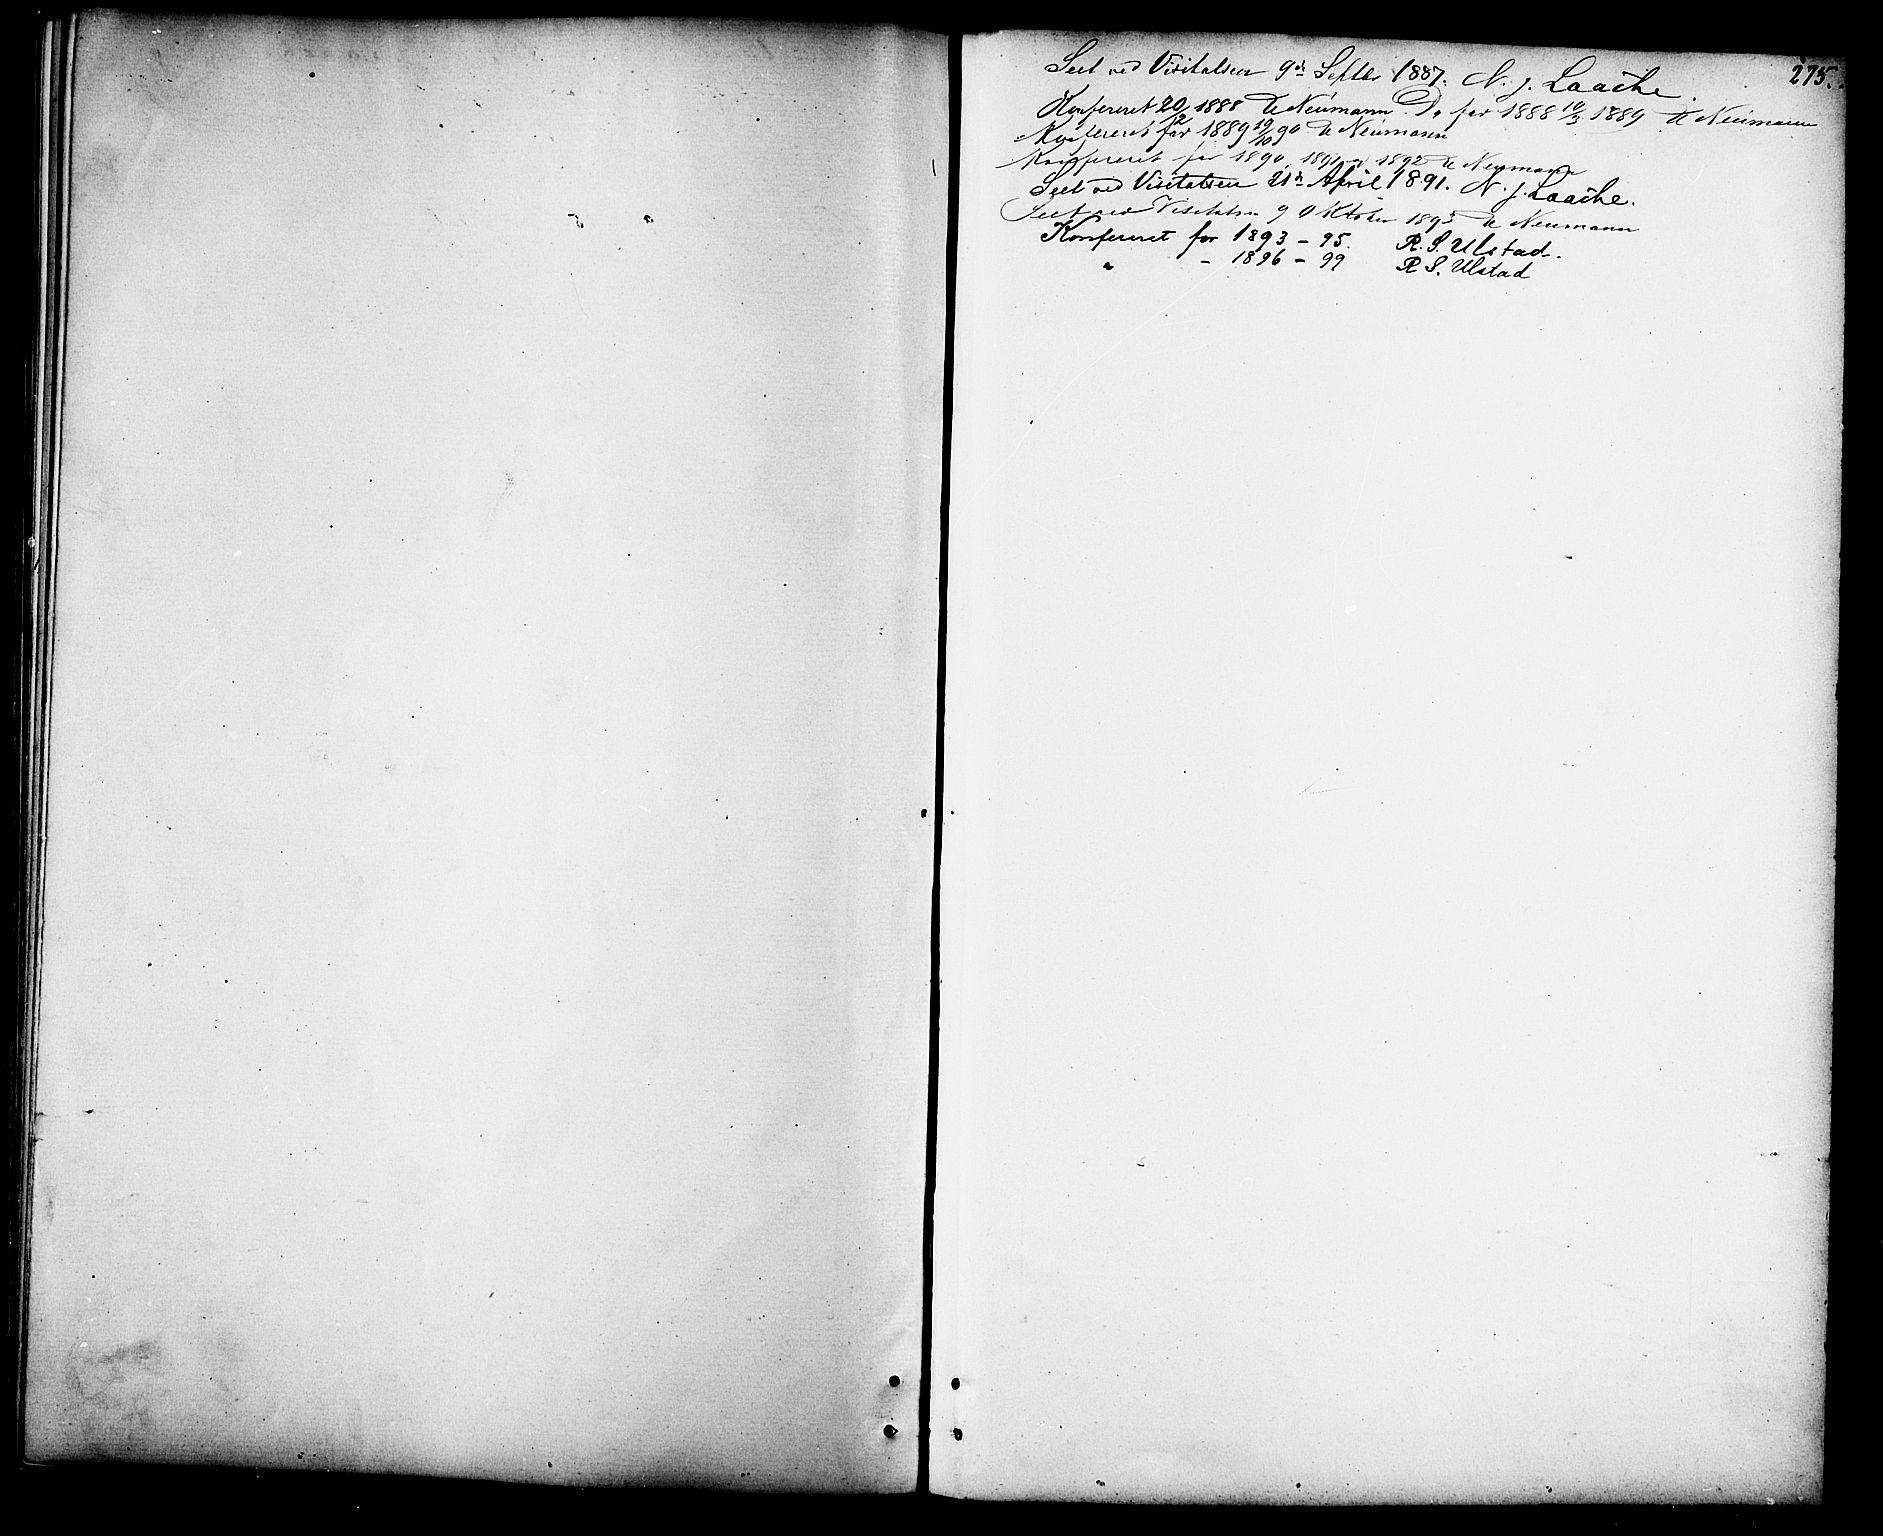 SAT, Ministerialprotokoller, klokkerbøker og fødselsregistre - Sør-Trøndelag, 694/L1132: Klokkerbok nr. 694C04, 1887-1914, s. 275